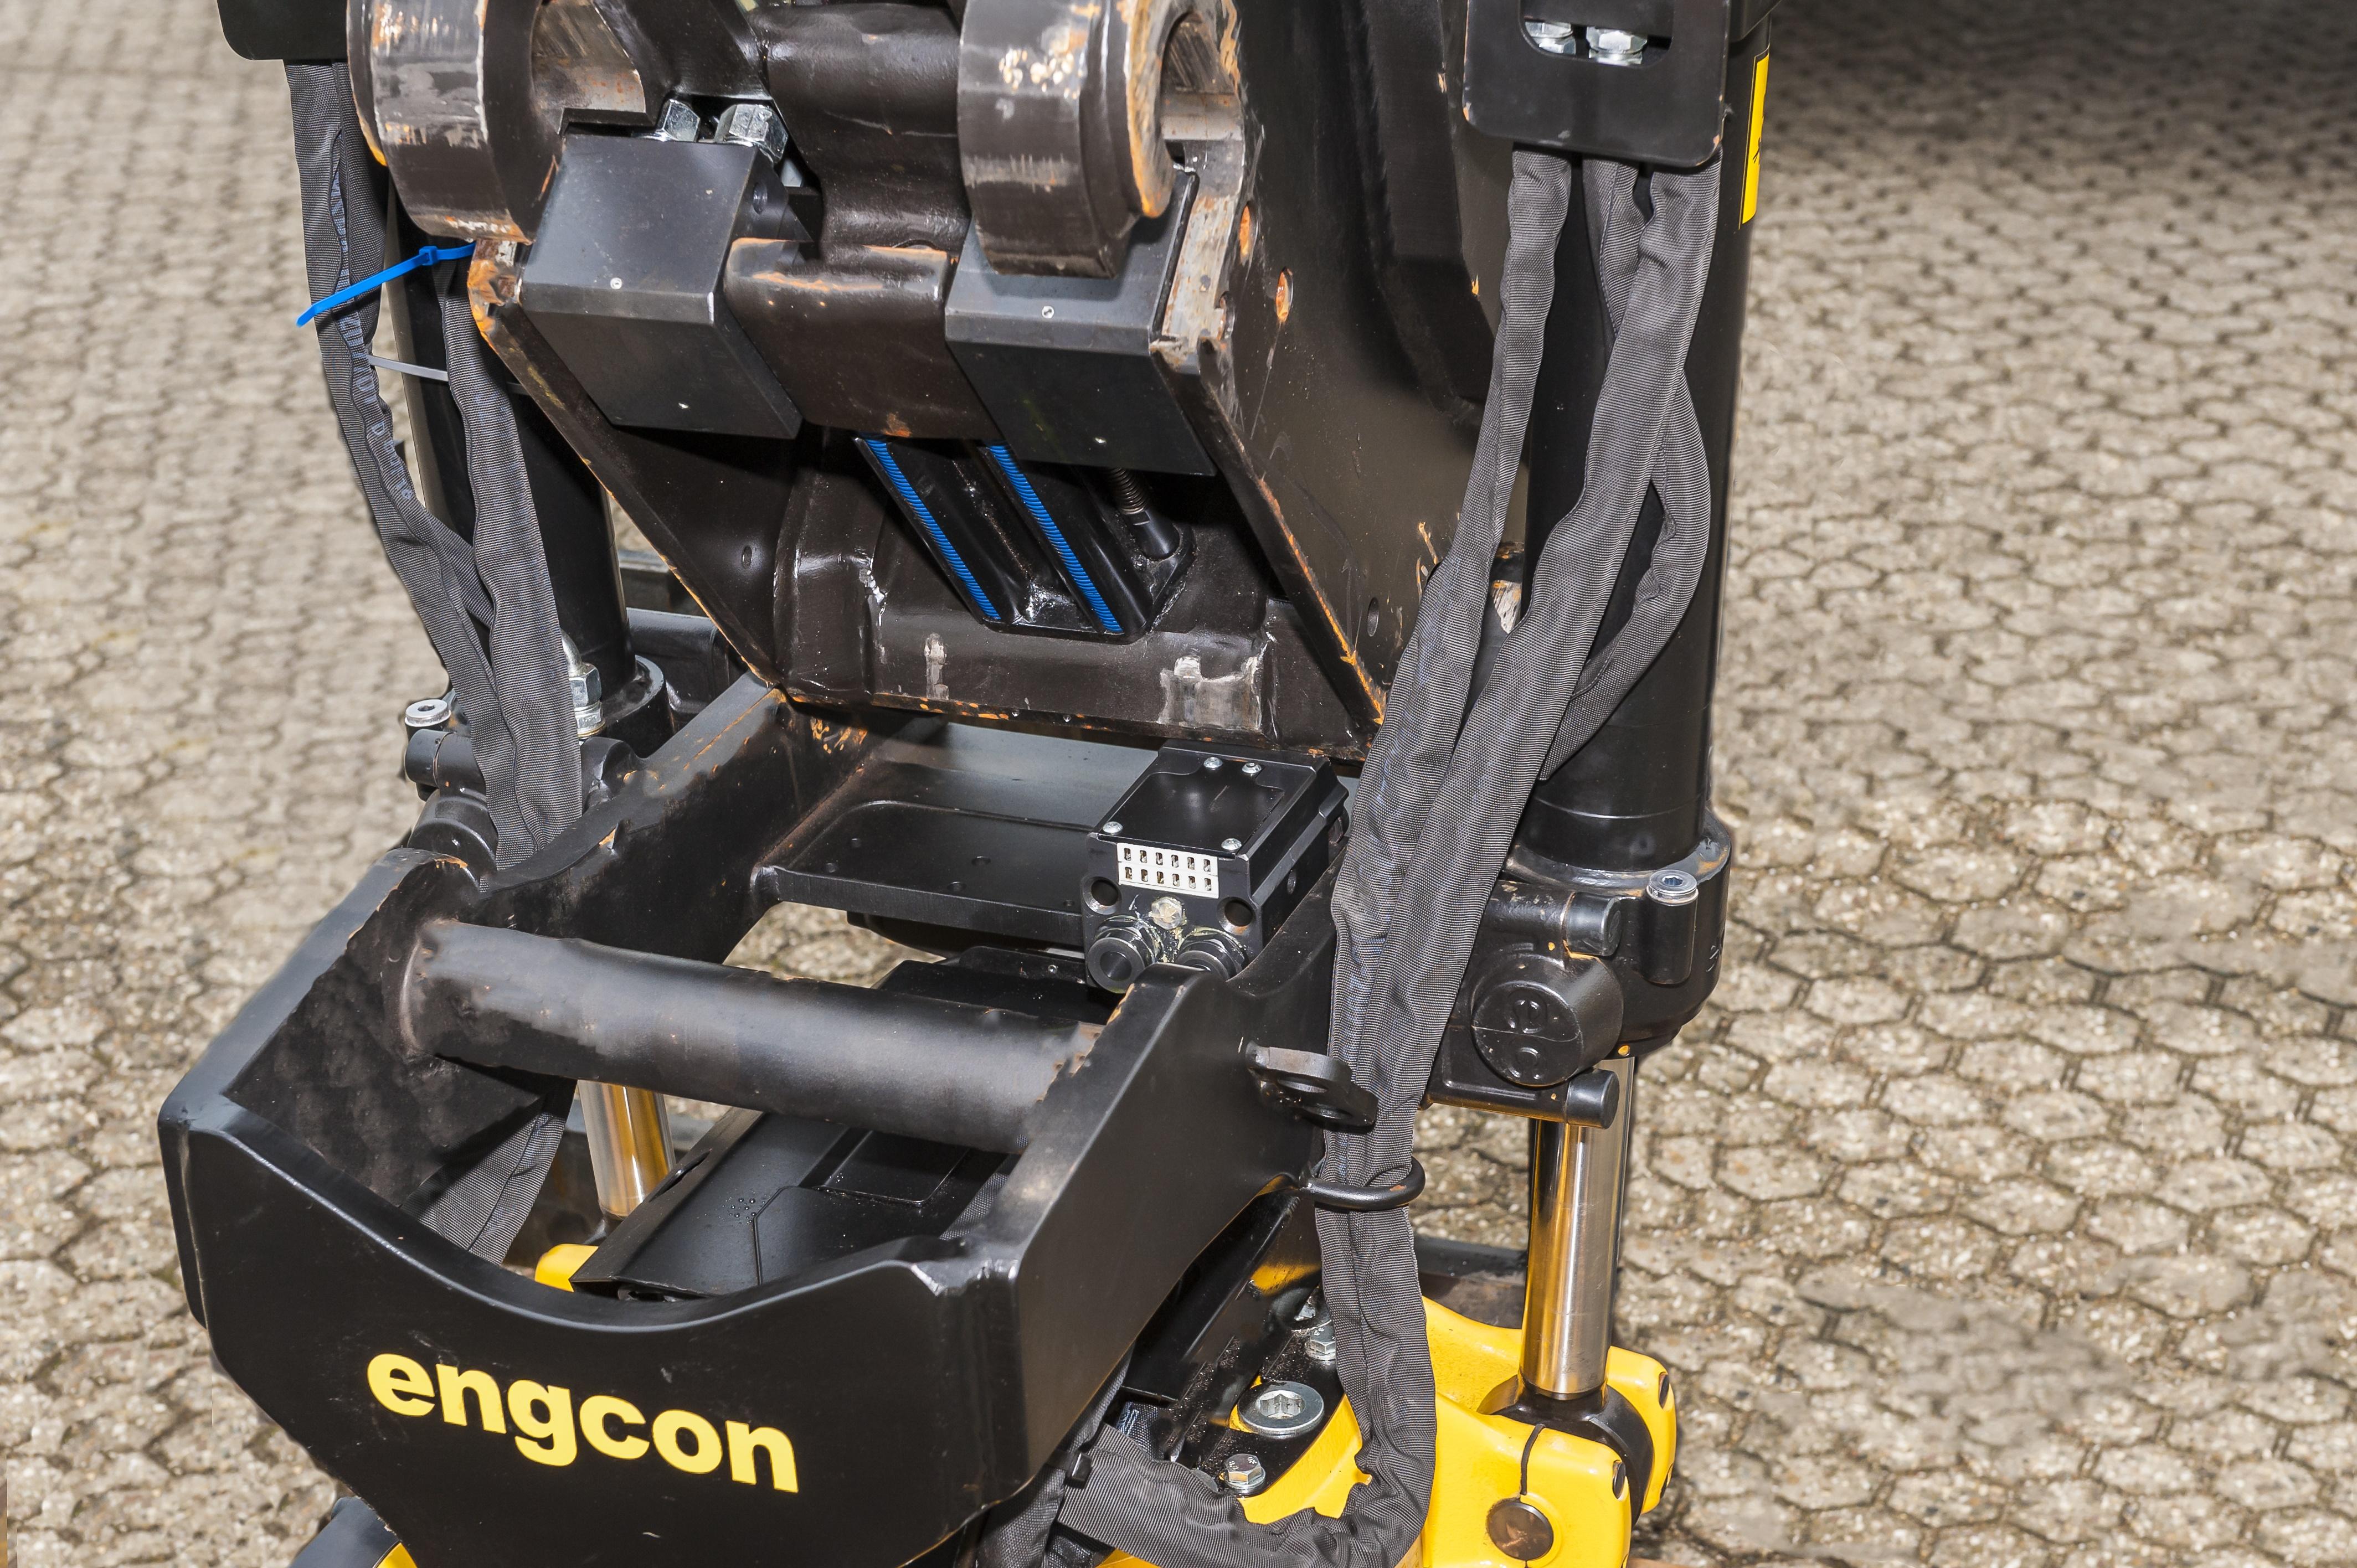 <p>De EC-Oil van Engcon is een los systeem dat op de nieuwere symmetrische snelwissels en tiltrotators van het Zweedse merk kan worden gemonteerd.</p>